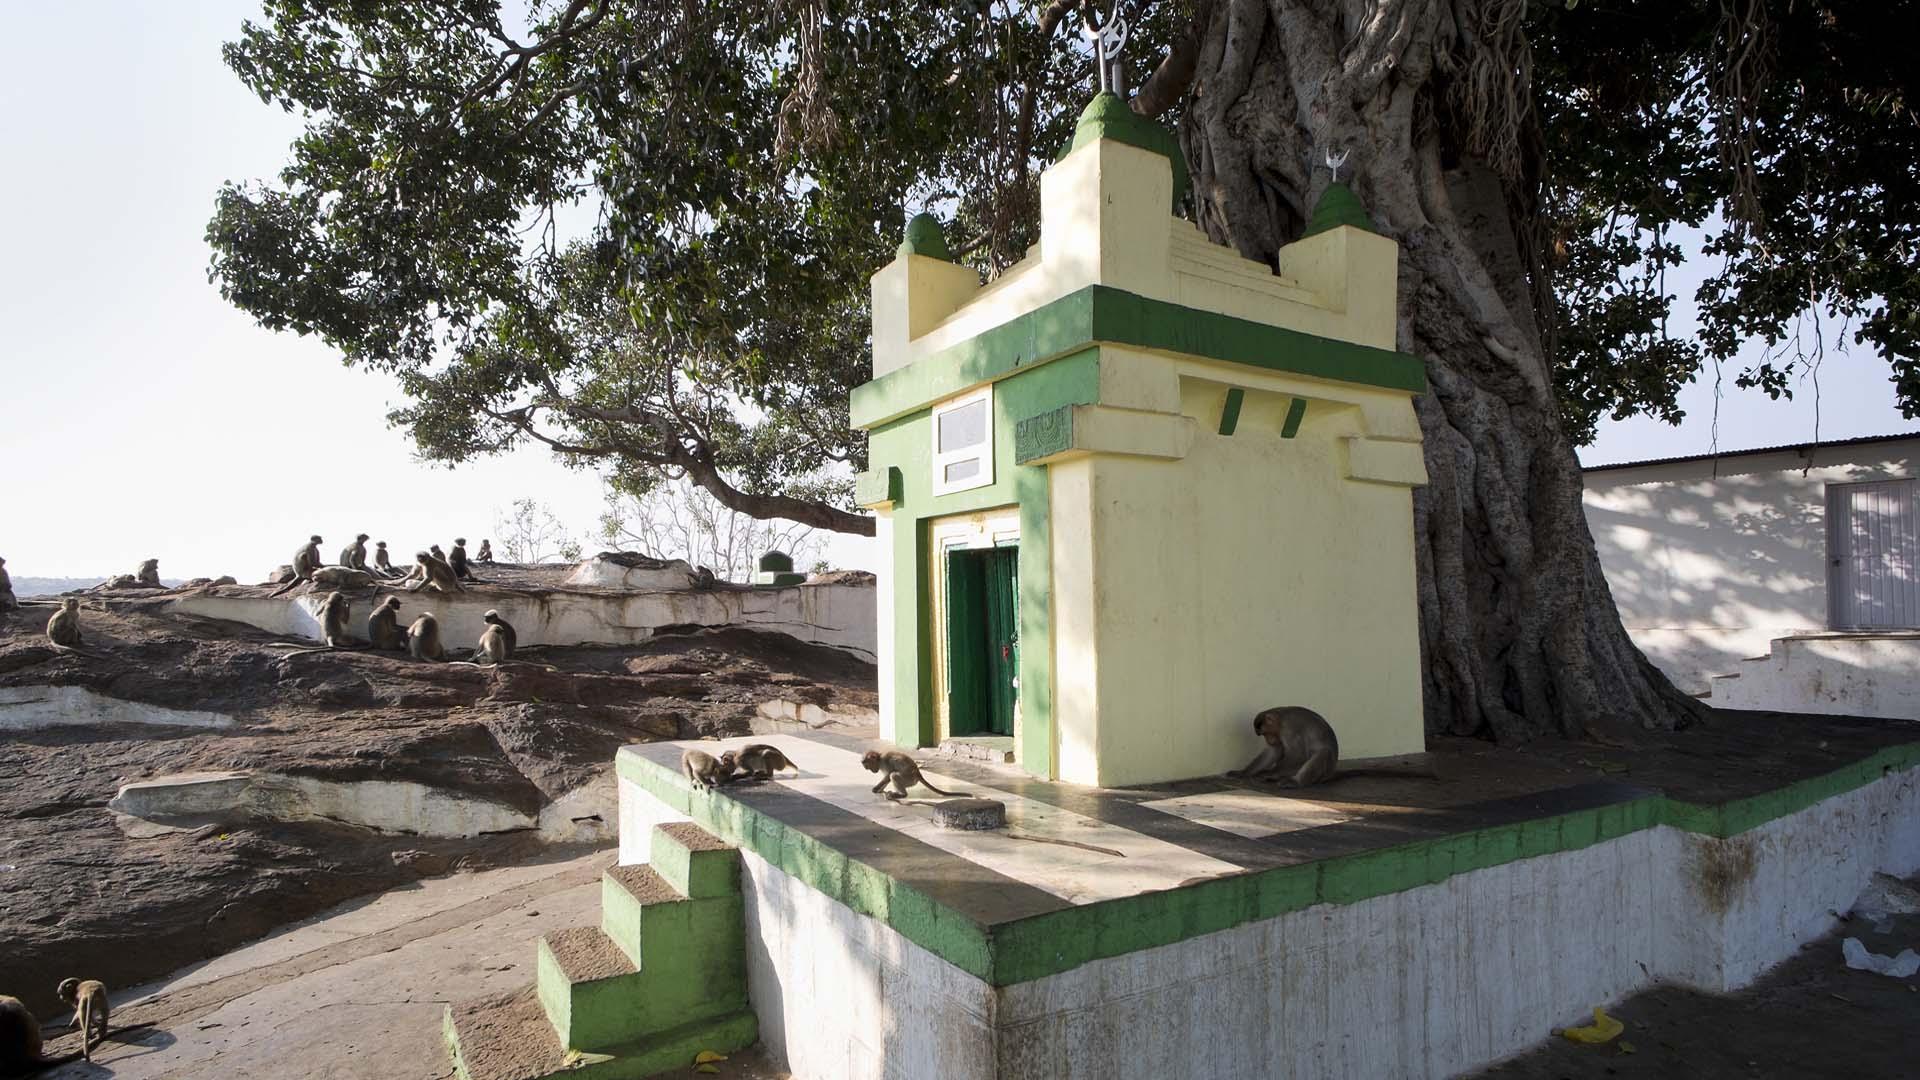 reise-ansichten hindu muslim tempel